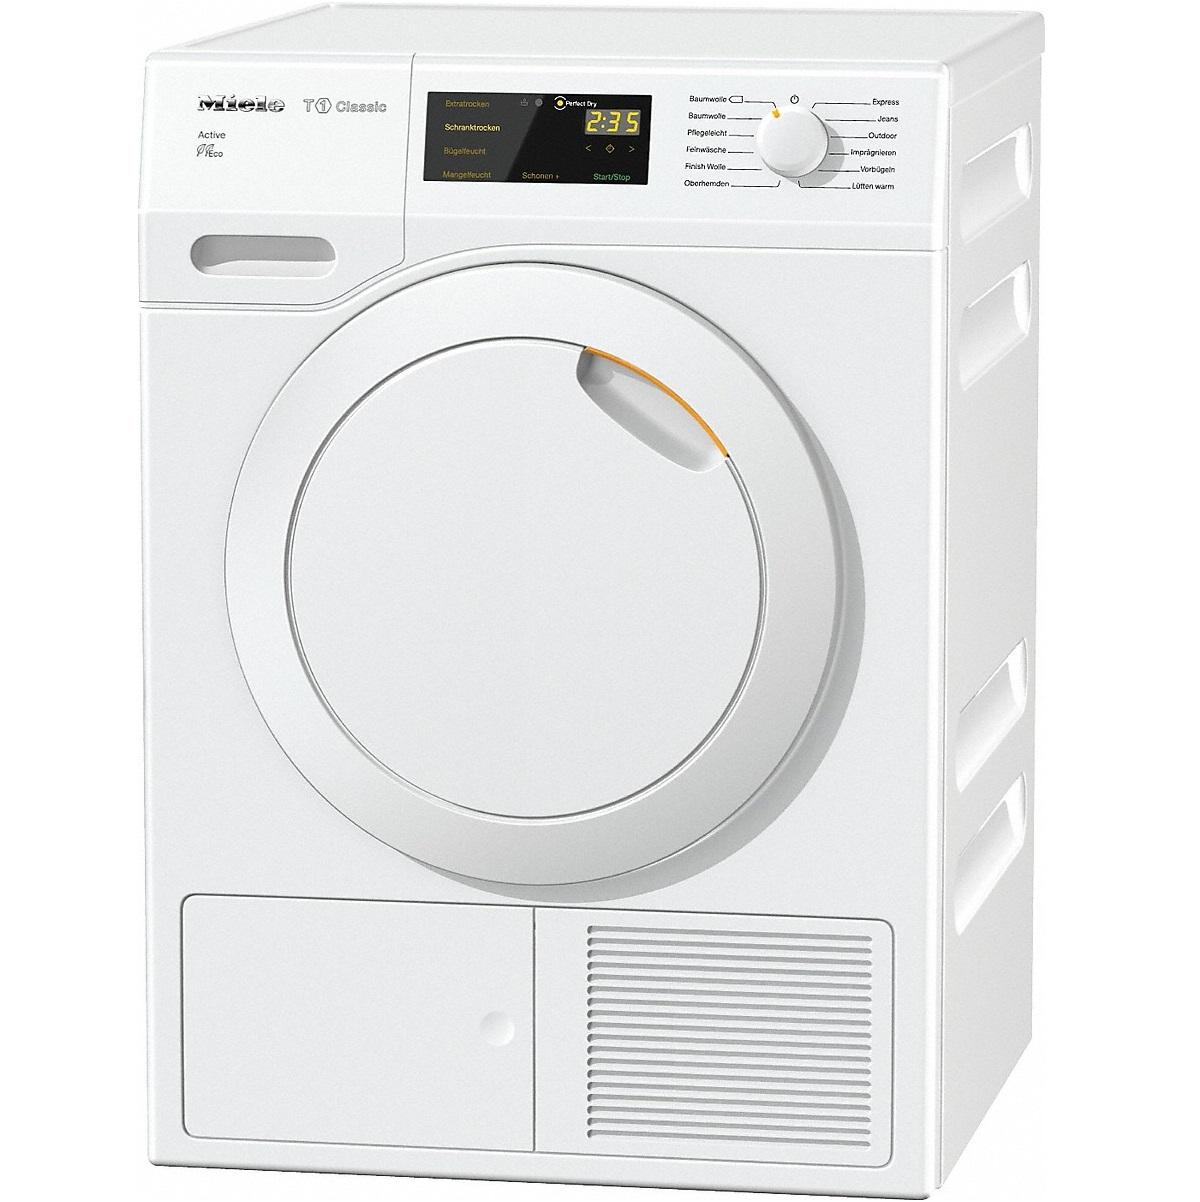 Miele mašina za sušenje veša TDB230WP Active - Inelektronik